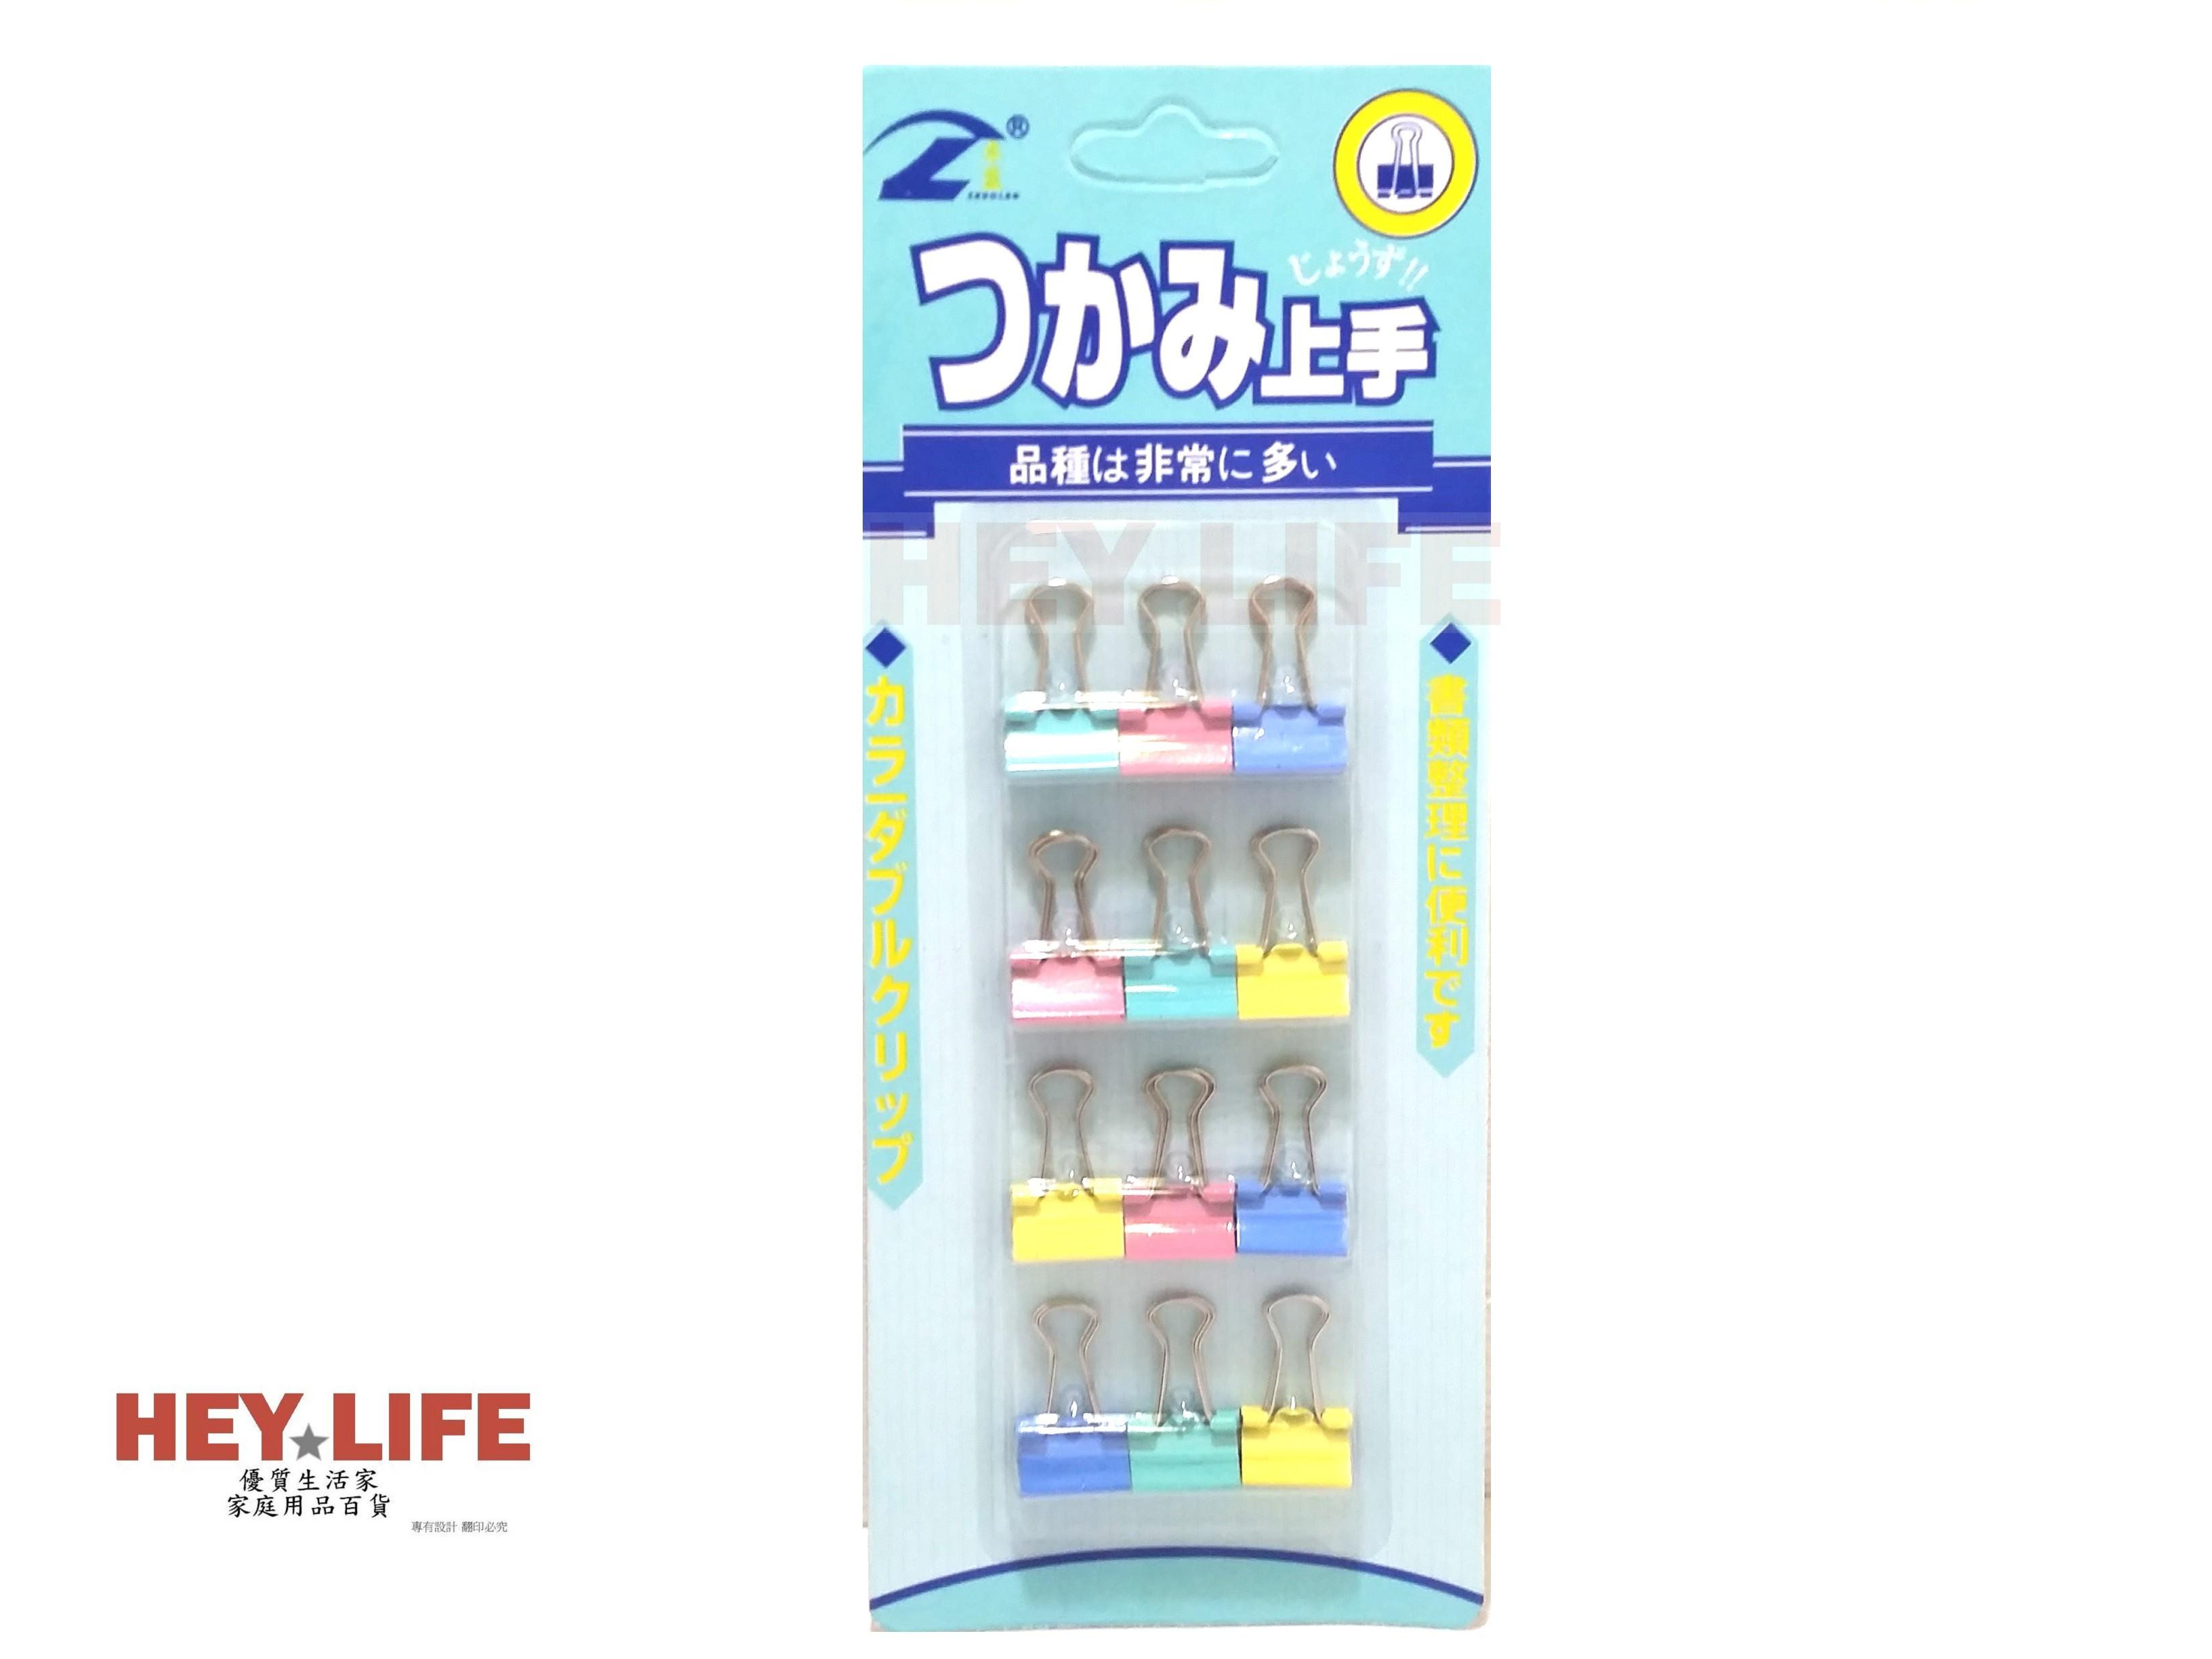 【HEYLIFE優質生活家】長尾夾(彩色)12入 15mm 文具夾 夾 優質嚴選 品質保證